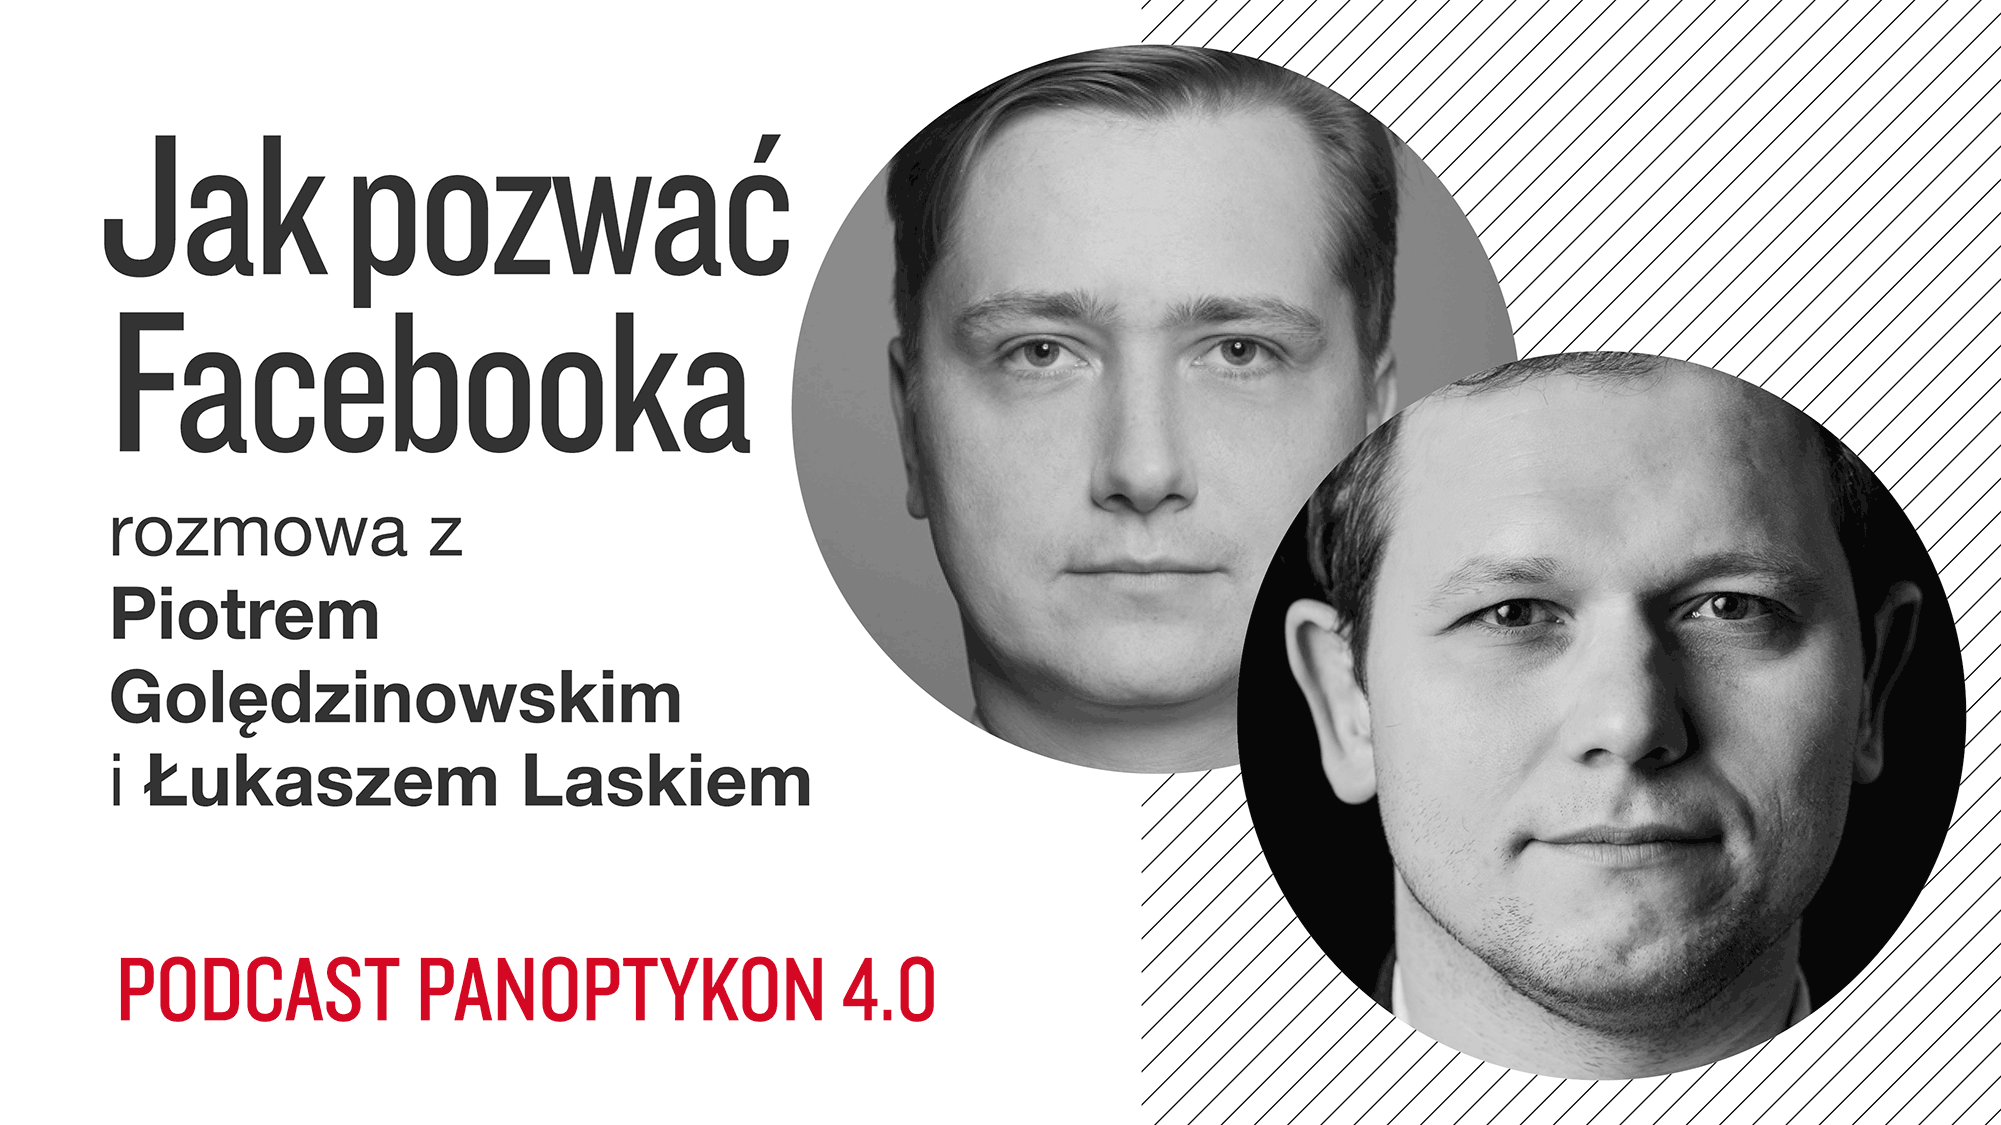 /files/panoptykon_4_0_jak_pozwac_facebooka_okladka.png